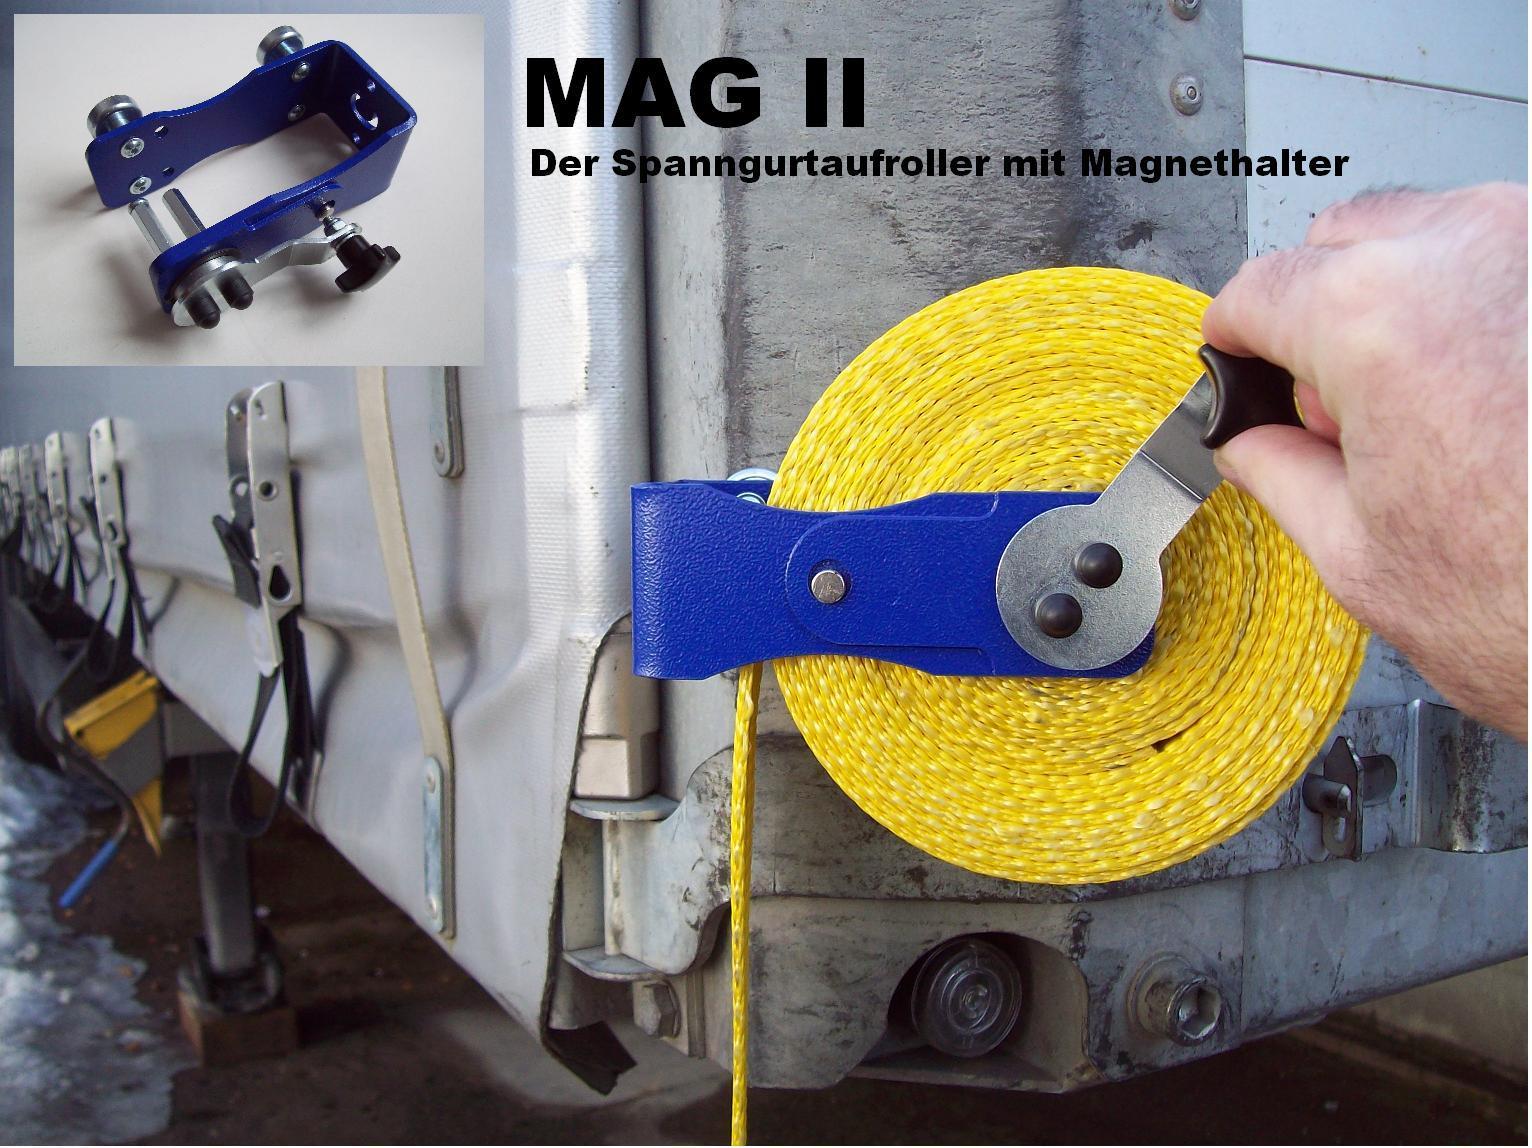 Spanngurtaufroller MAG II